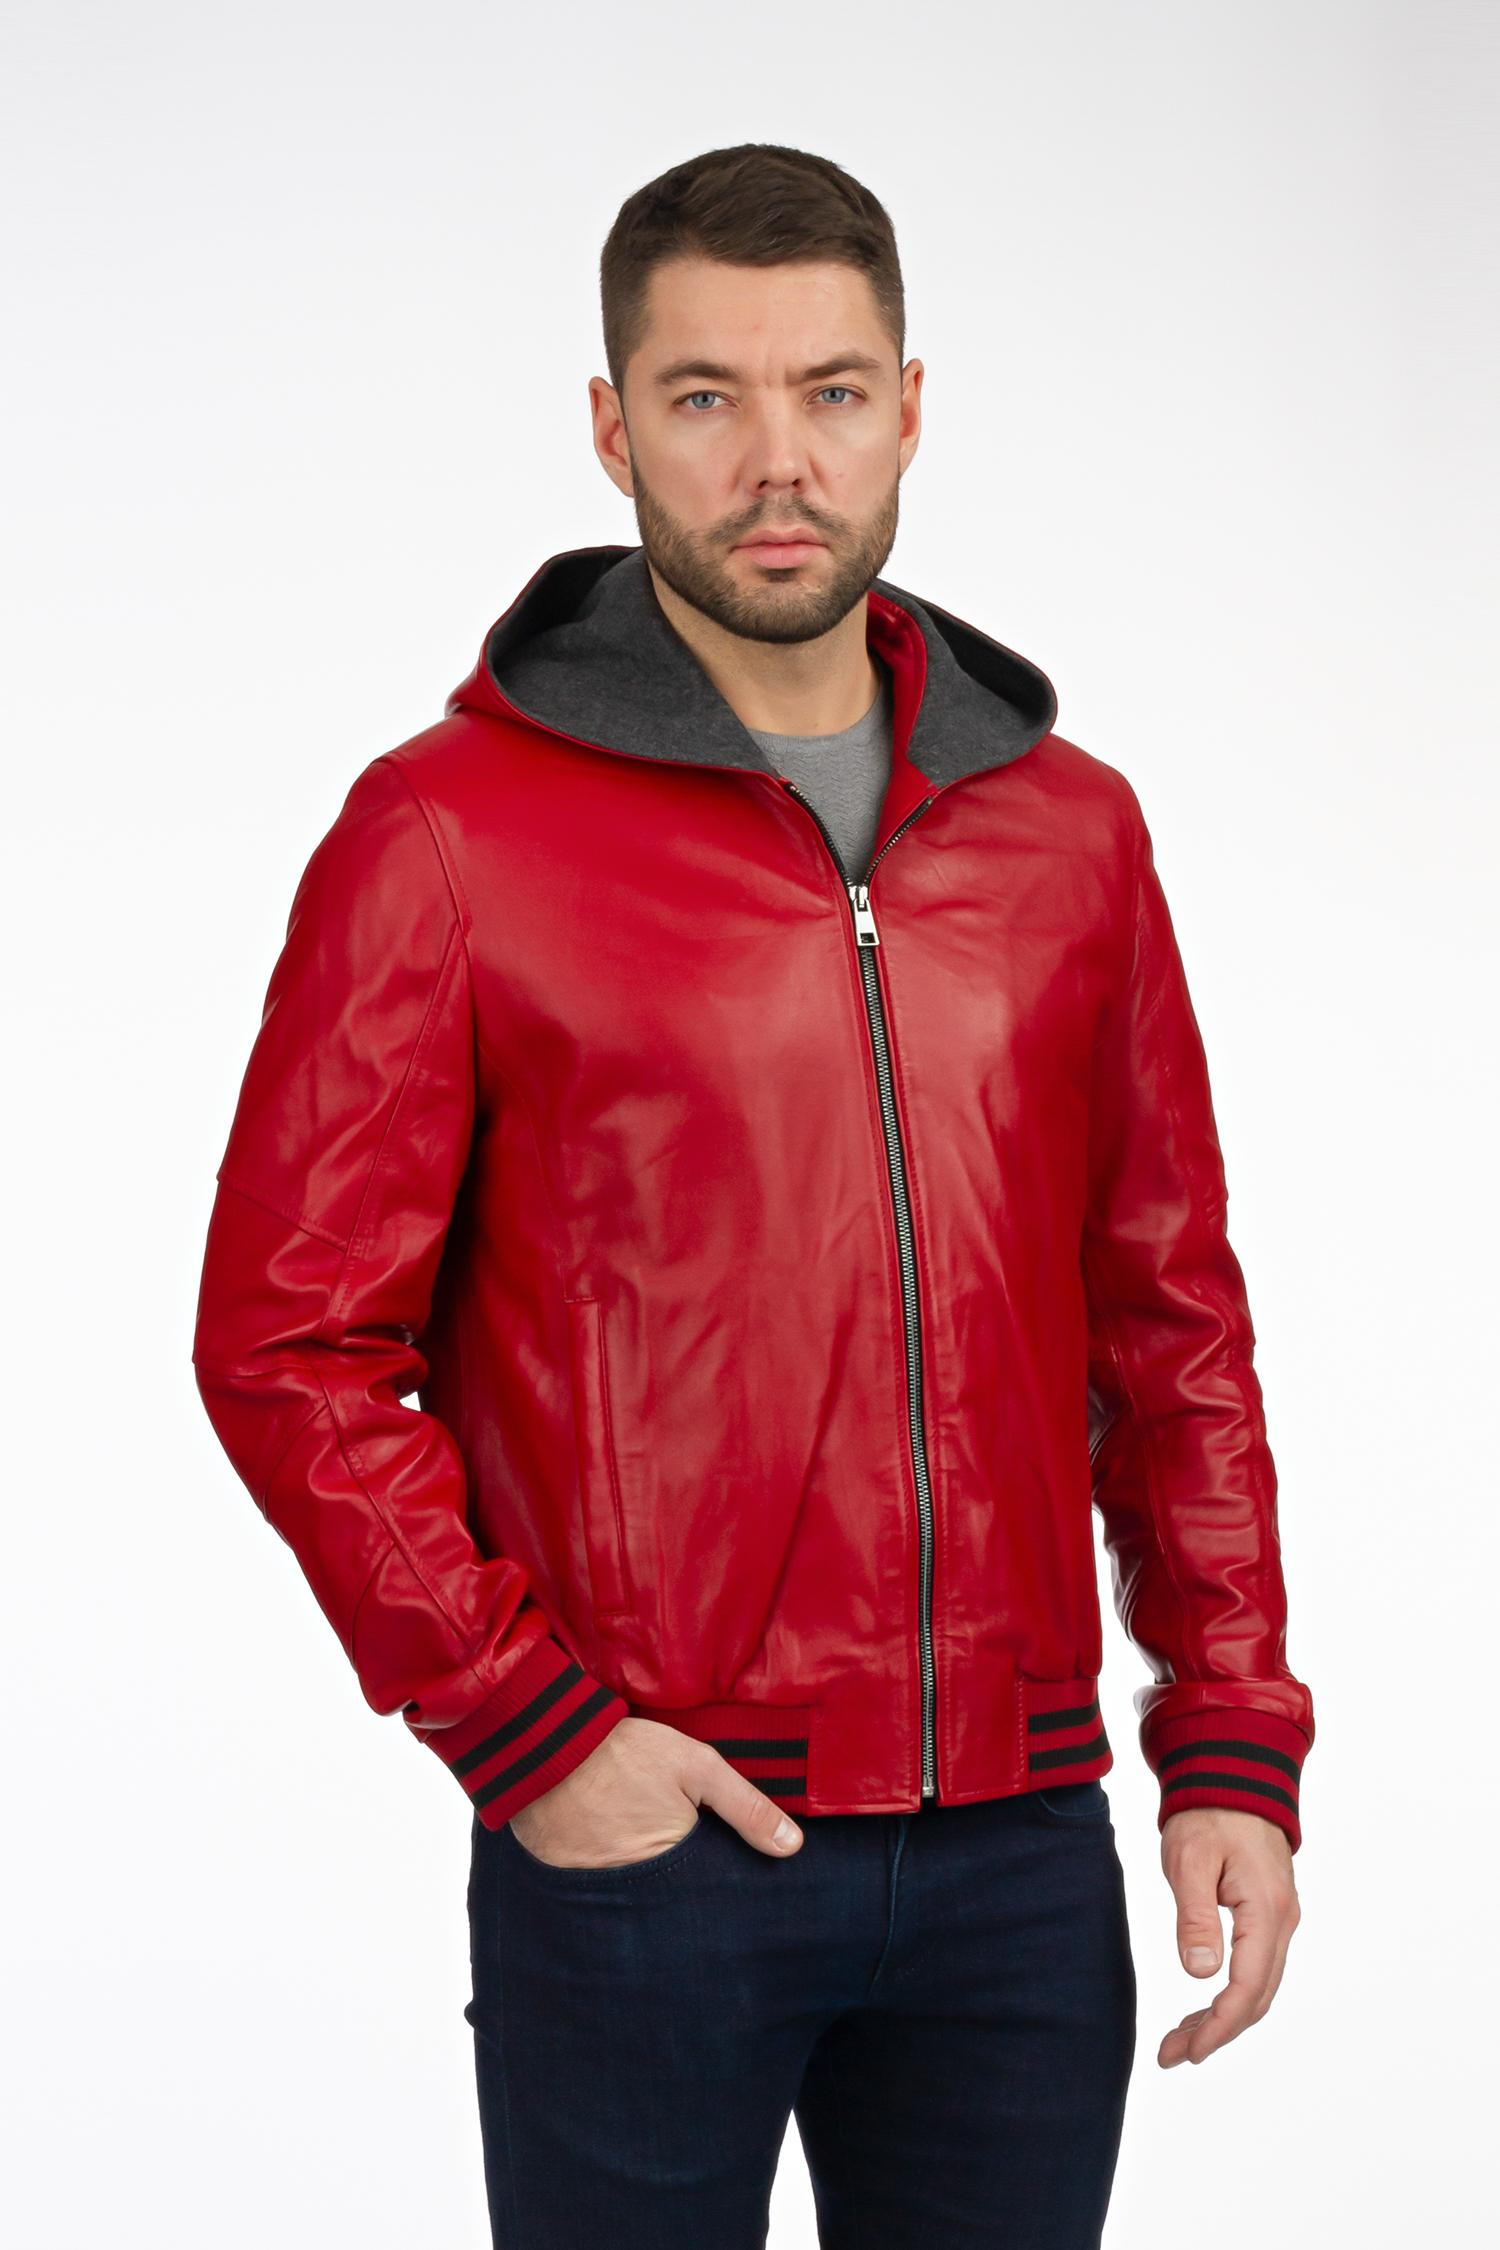 Мужская кожаная куртка из натуральной кожи с капюшоном, без отделки МОСМЕХА